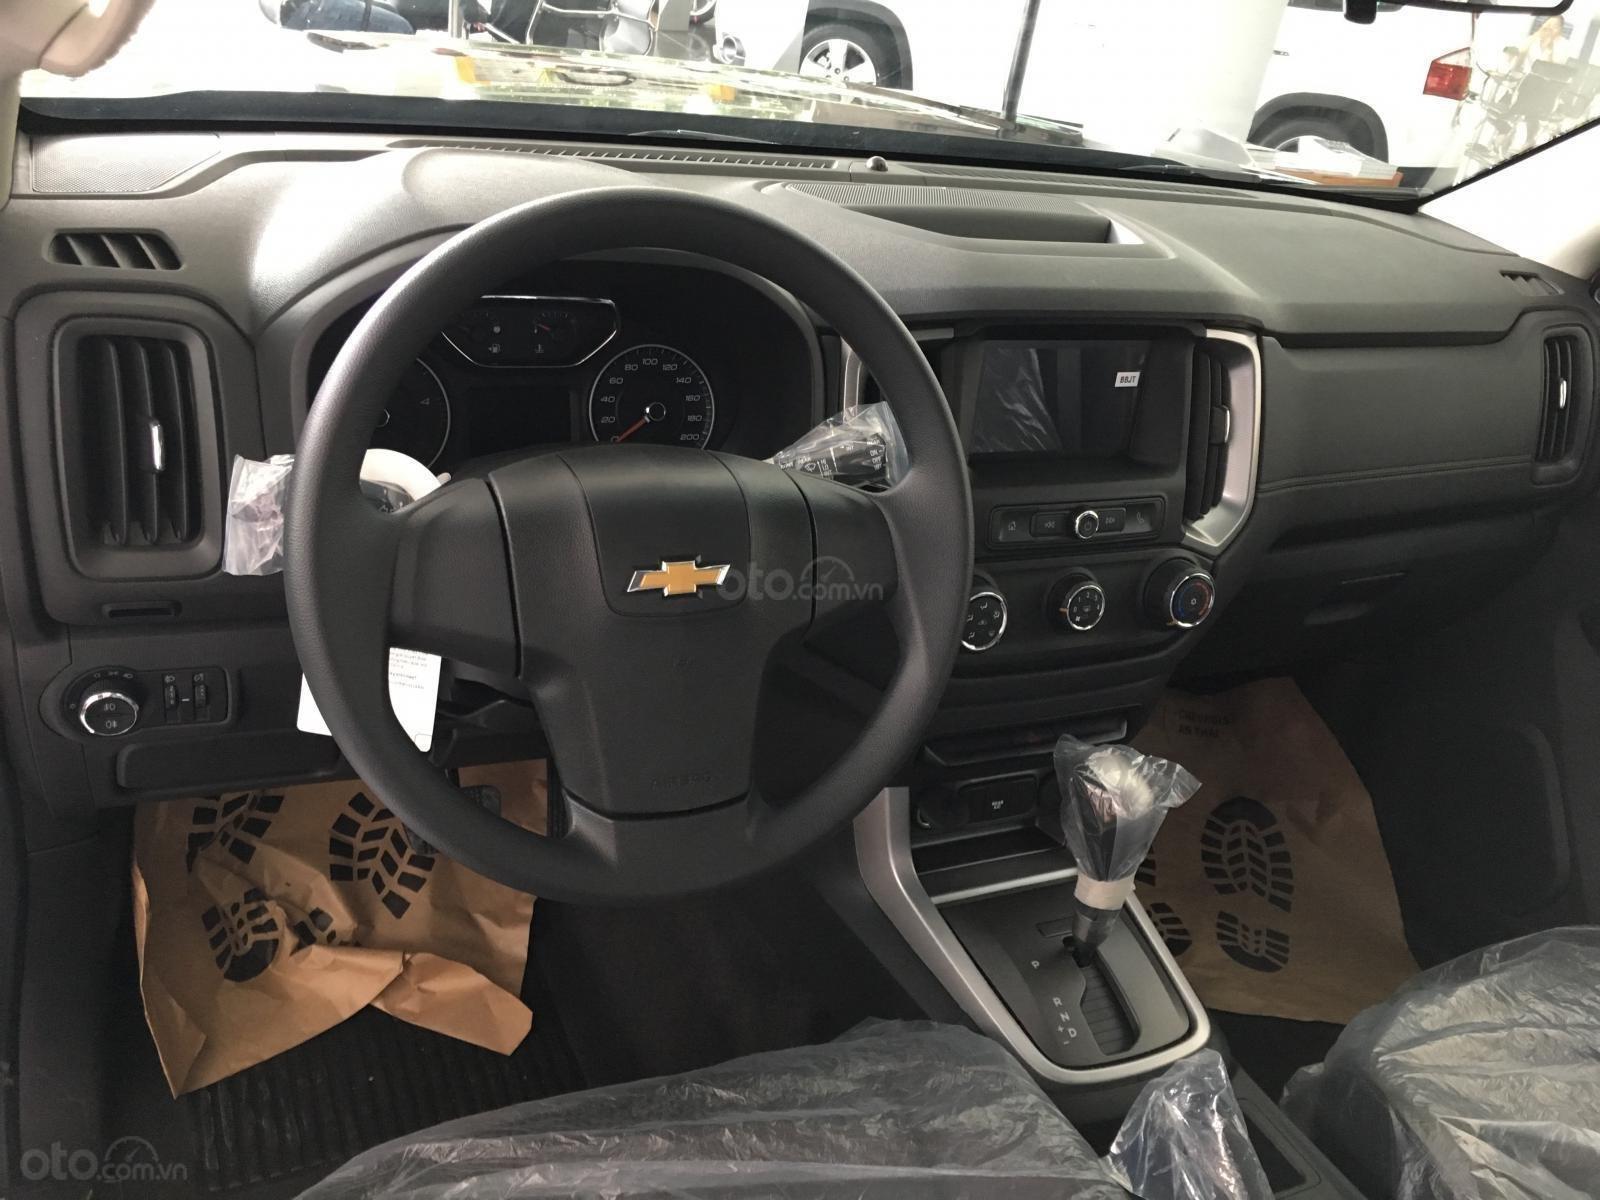 Chevrolet Trailblazer ưu đãi đến 100 triệu đồng, hỗ trợ vay trả góp (10)